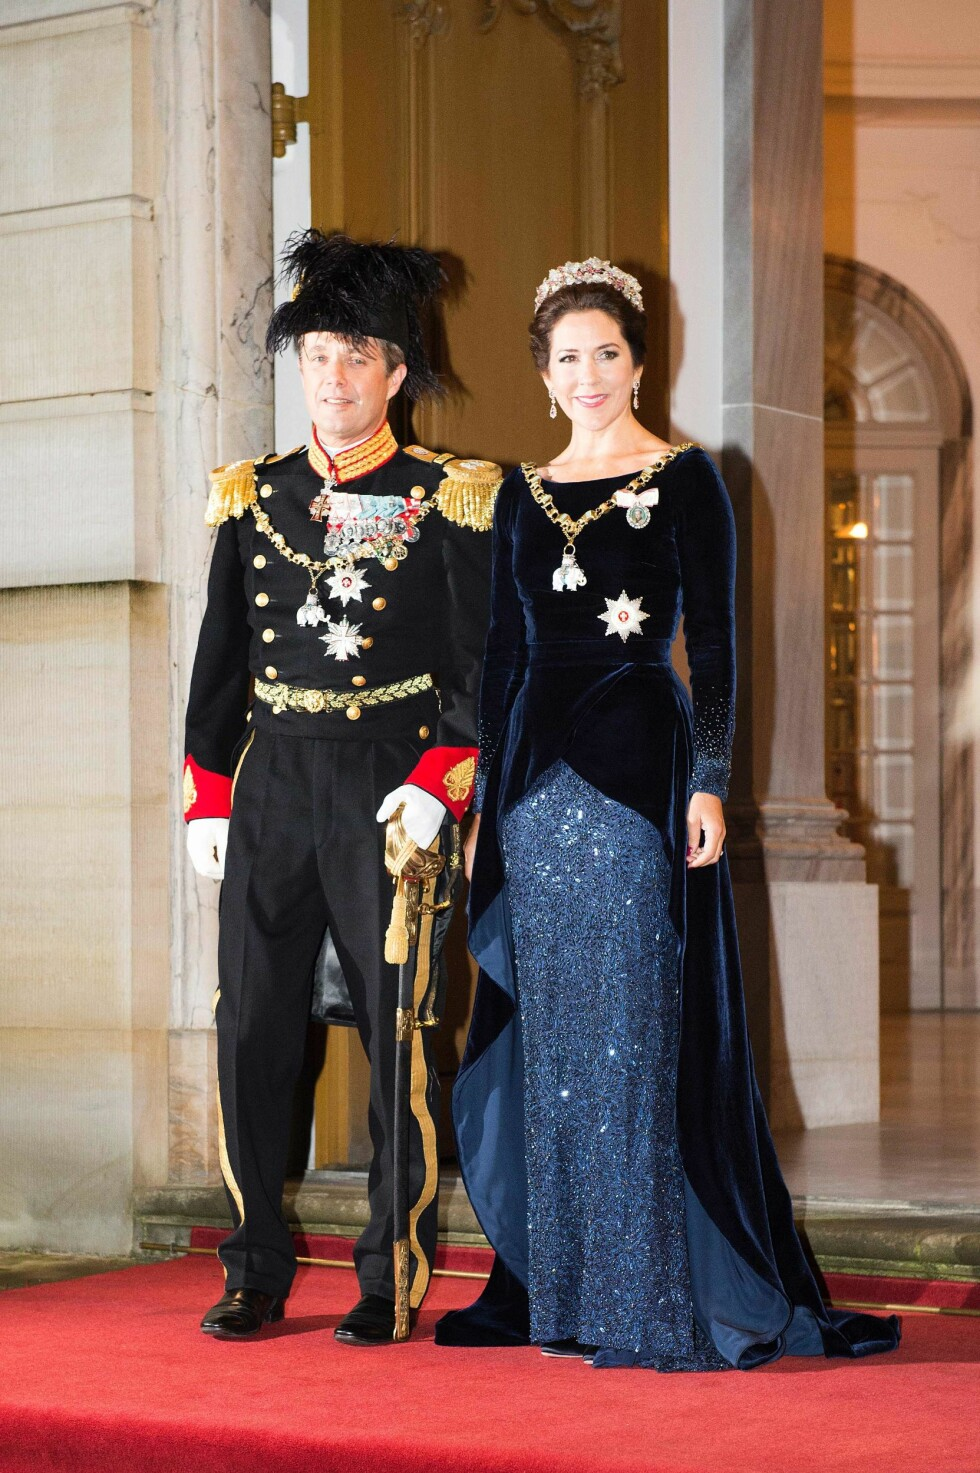 MED PÅ MOTENE: I 2016 har fløyel vært det store på motefronten - og kronprinsesse Mary var tidlig ute! Allerede i januar dukket hun opp i en fantastisk mørkeblå fløyelskreasjon under den årlige nyttårsfeiringen  på Amalienborg slott. Det skal sies at hun to år før, under samme arrangement, også dukket opp i en kjole av fløyel - da i en burgunderfarget variant. Foto: NTB Scanpix